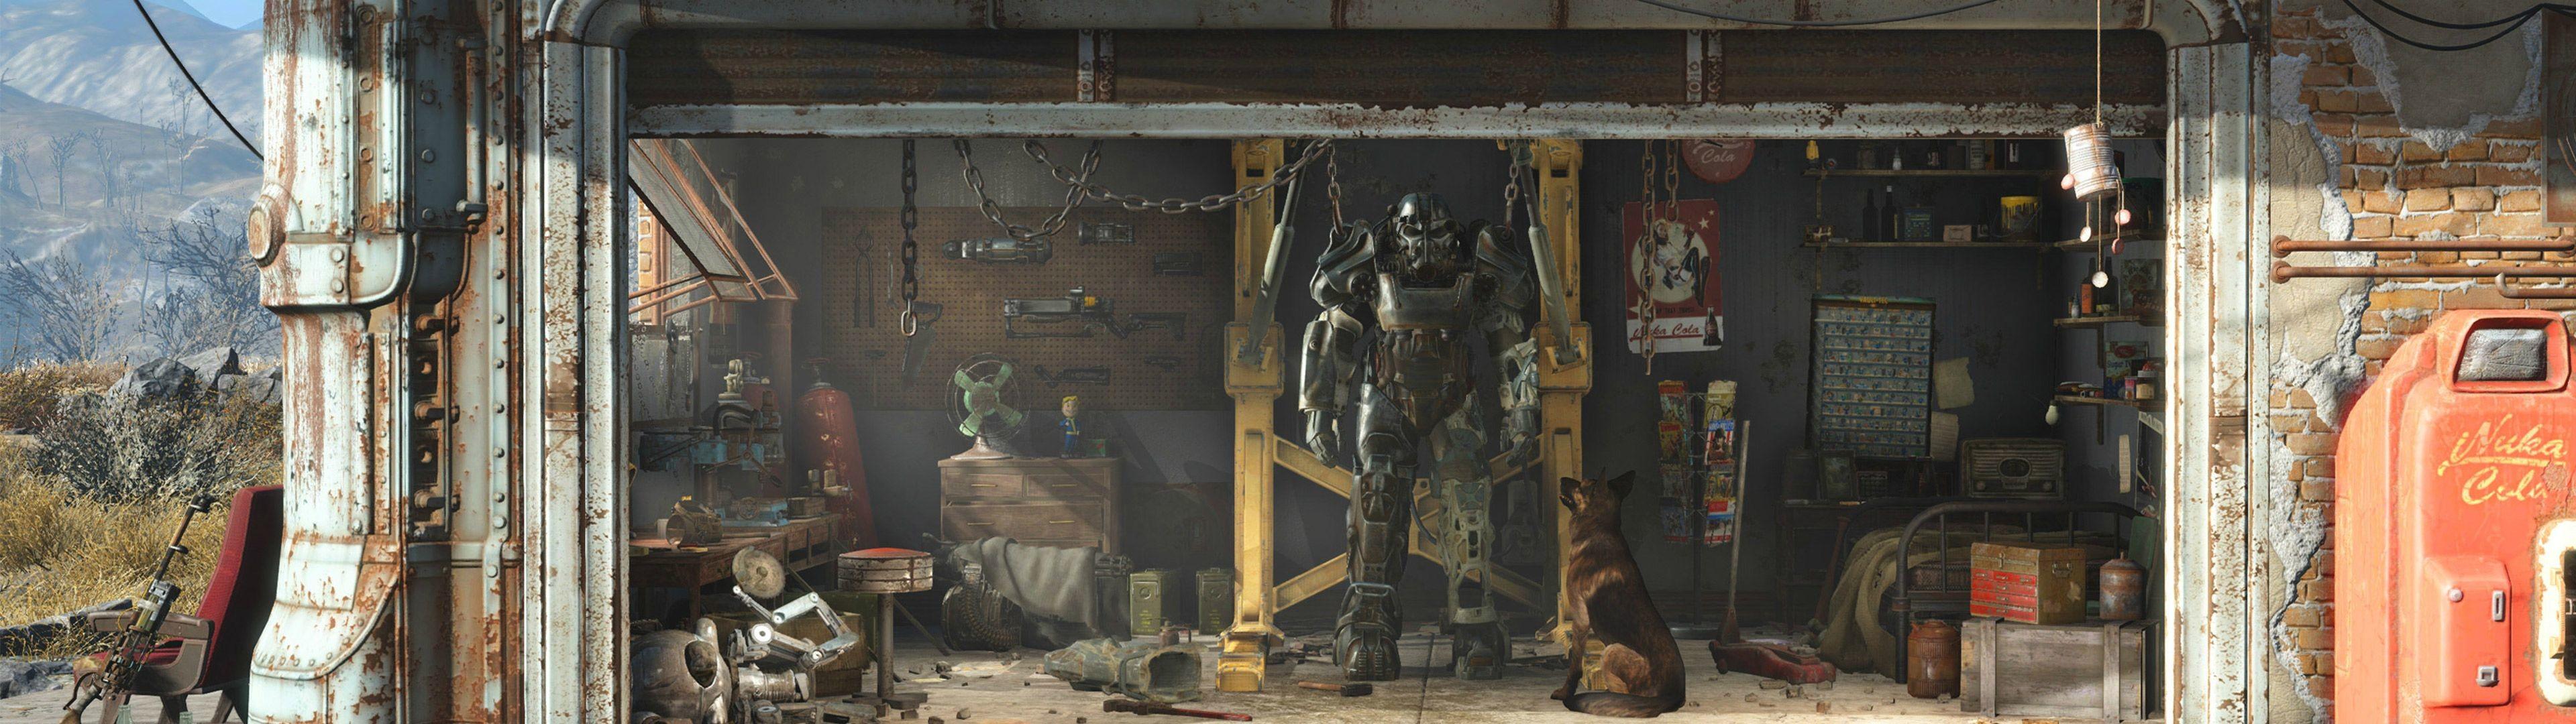 RedditPics – Fallout 4 Dual Monitor Wallpaper .